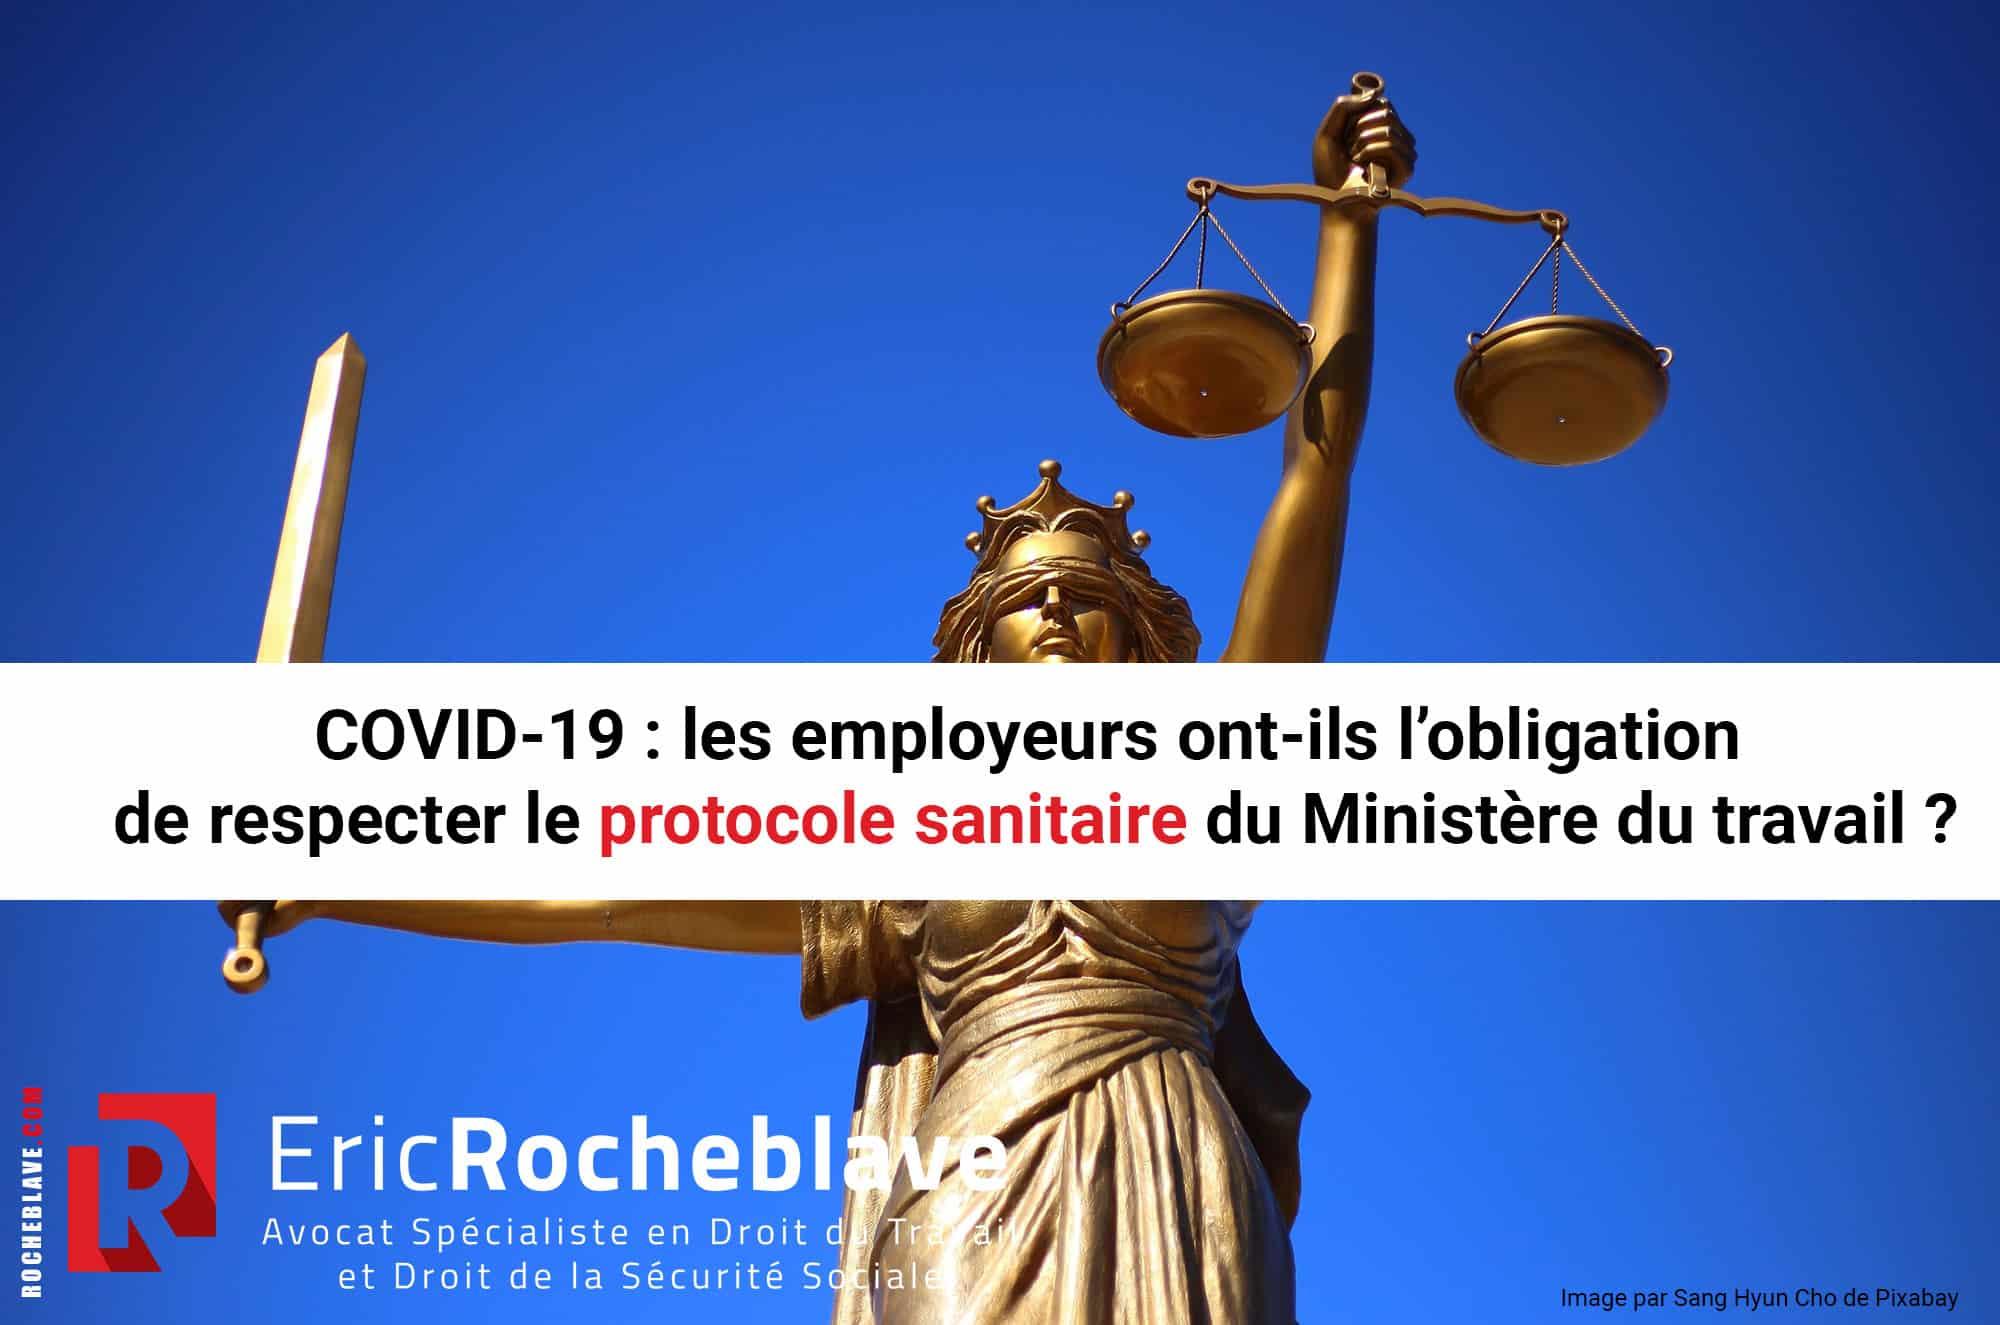 COVID-19 : les employeurs ont-ils l'obligation de respecter le protocole sanitaire du Ministère du travail ?